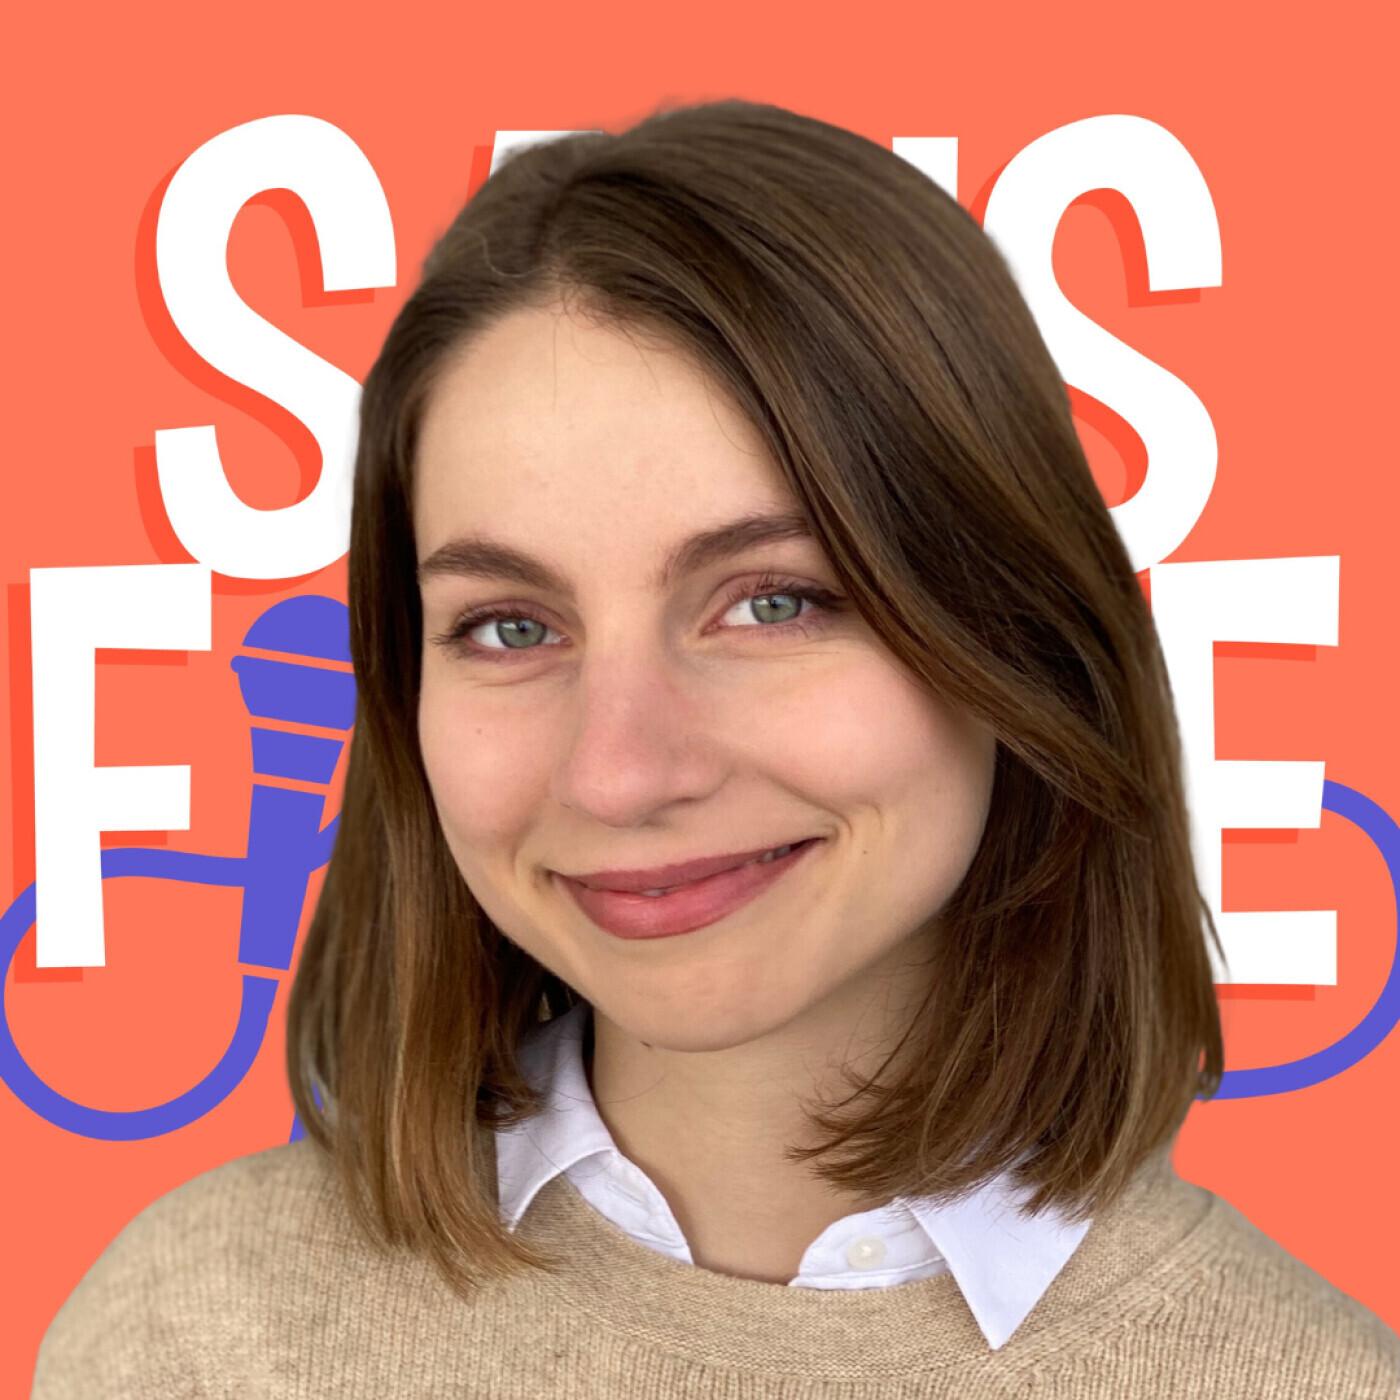 Sylvain Zaffaroni | Communauté Pour nourrir demain | Influençons positivement l'agroalimentaire!